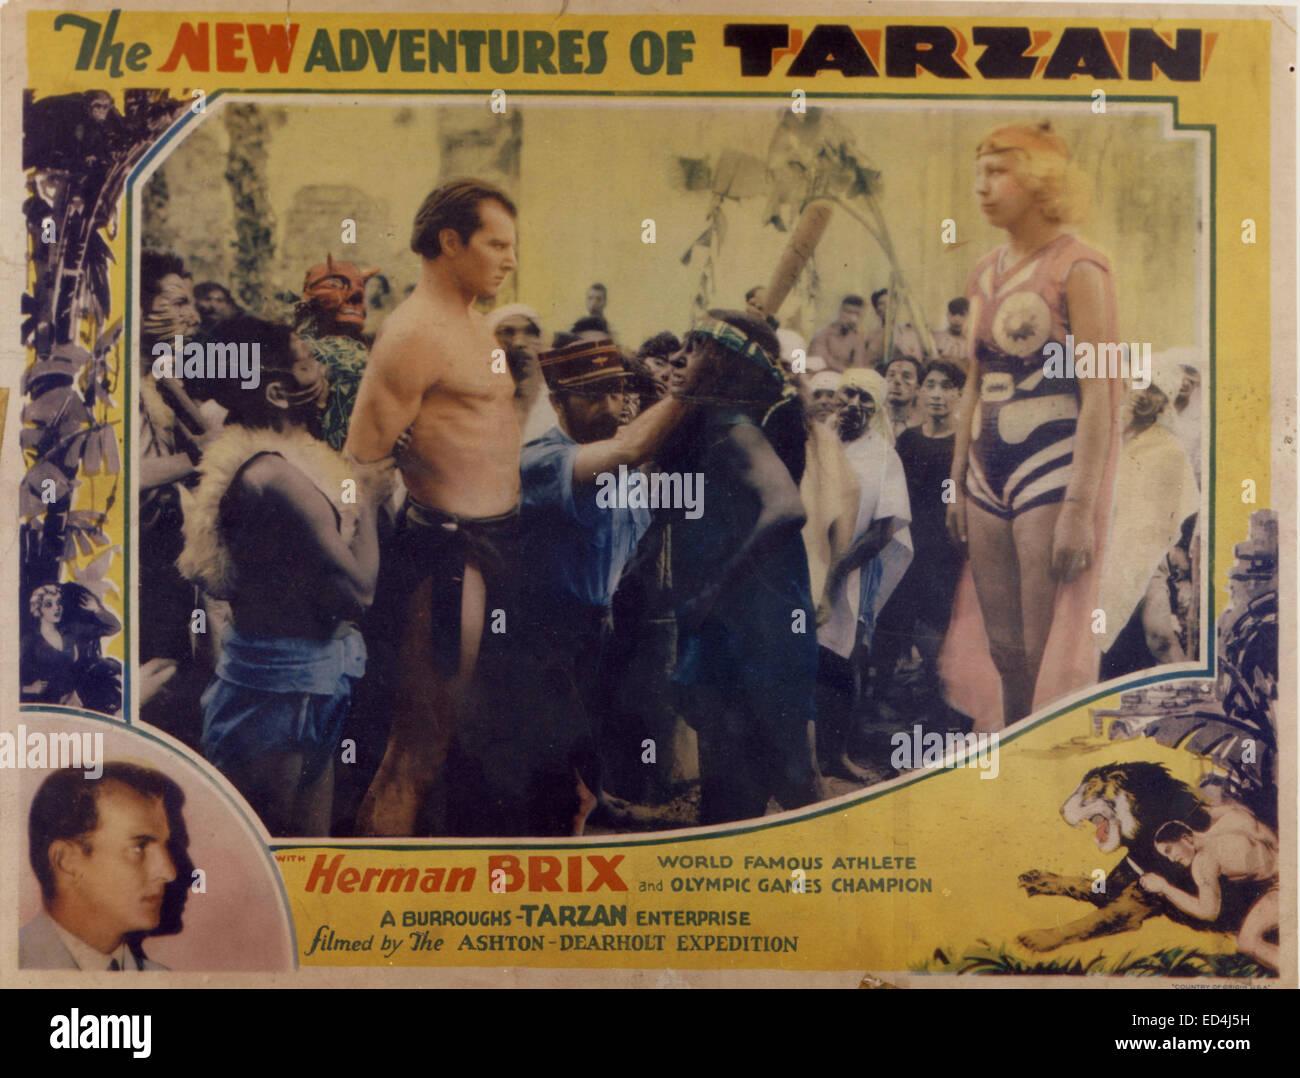 Les nouvelles aventures de Tarzan, vers 1930. Photo Herman Brix comme Tarzan. Avec la permission de Granamour Weems Photo Stock